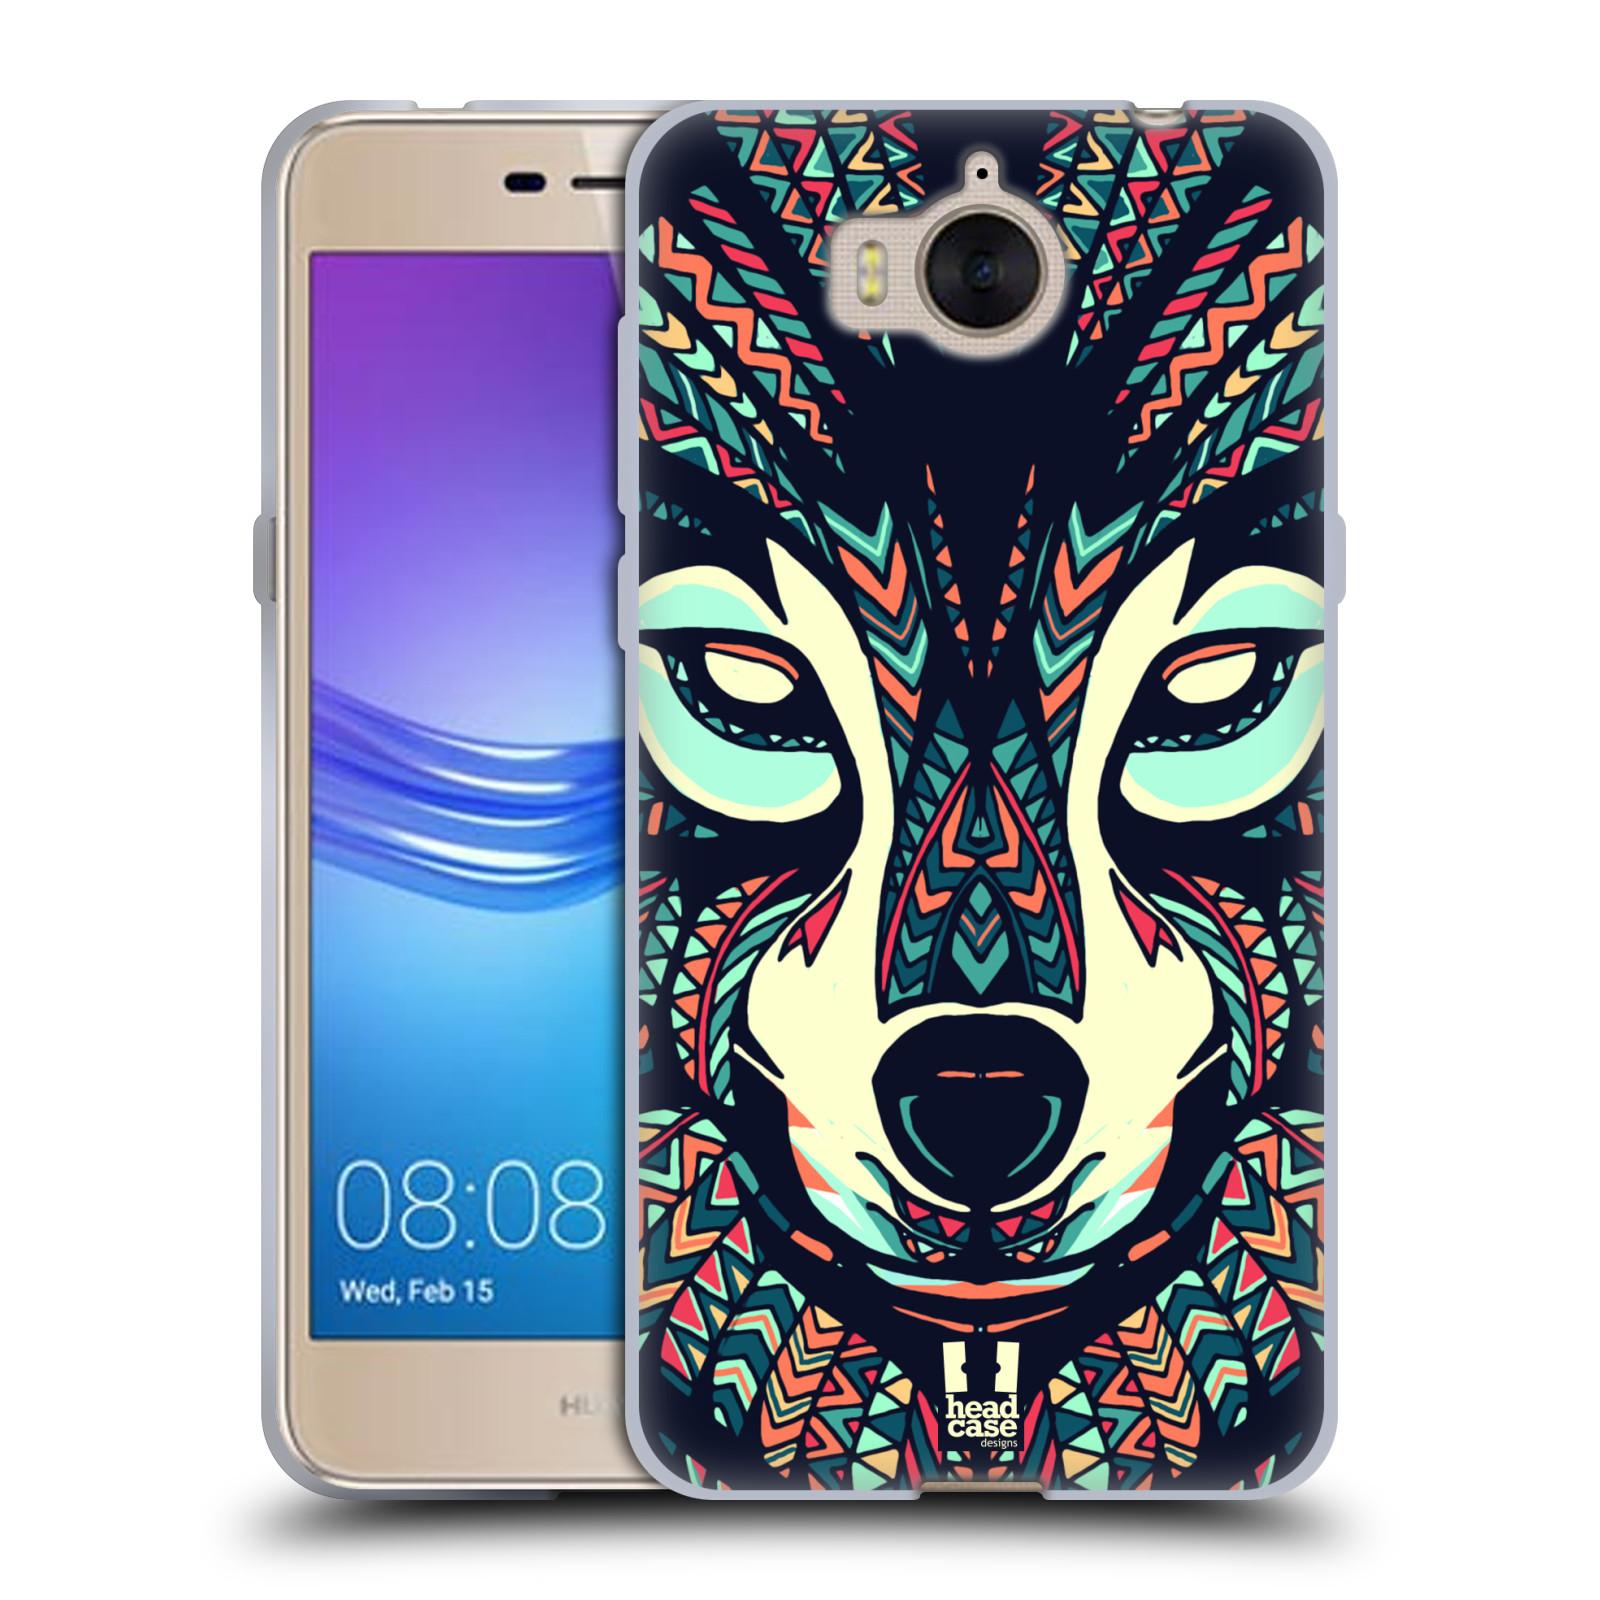 Silikonové pouzdro na mobil Huawei Y6 2017 - Head Case - AZTEC VLK (Silikonový kryt či obal na mobilní telefon Huawei Y6 (2017) s motivem AZTEC VLK)